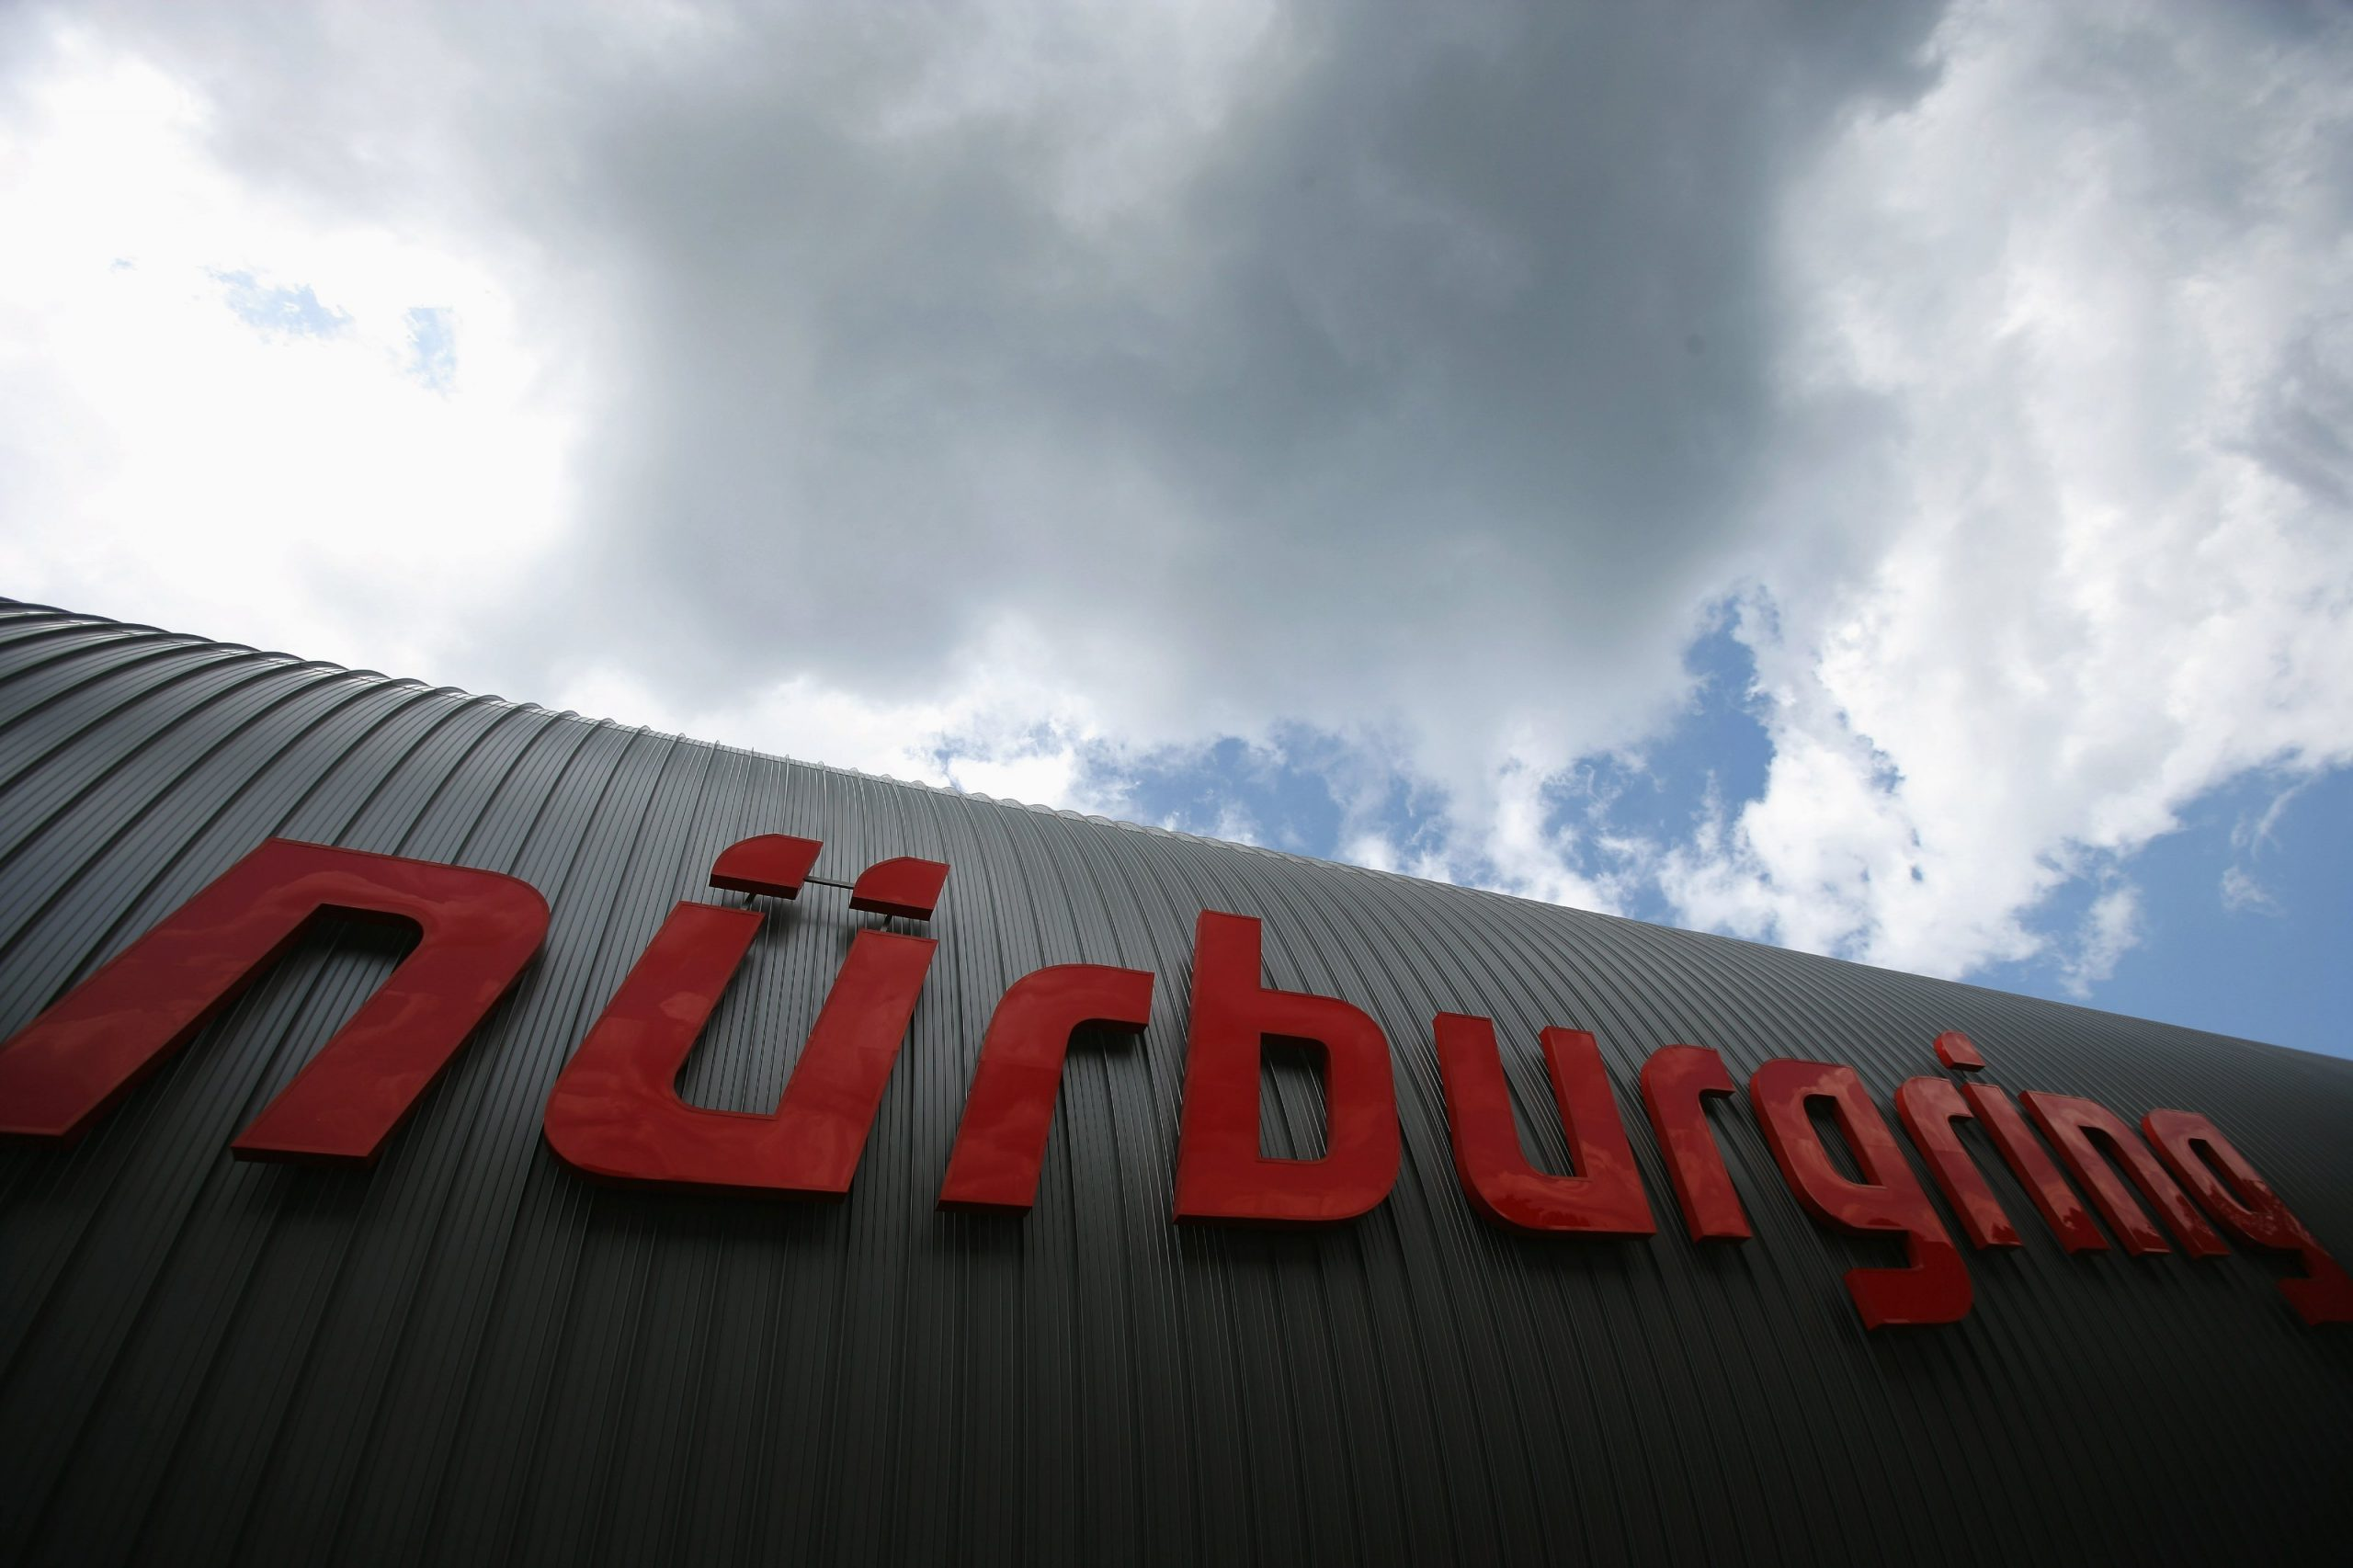 F1 - La F1 diffusera le week-end au Nürburgring gratuitement sur YouTube pour certains pays